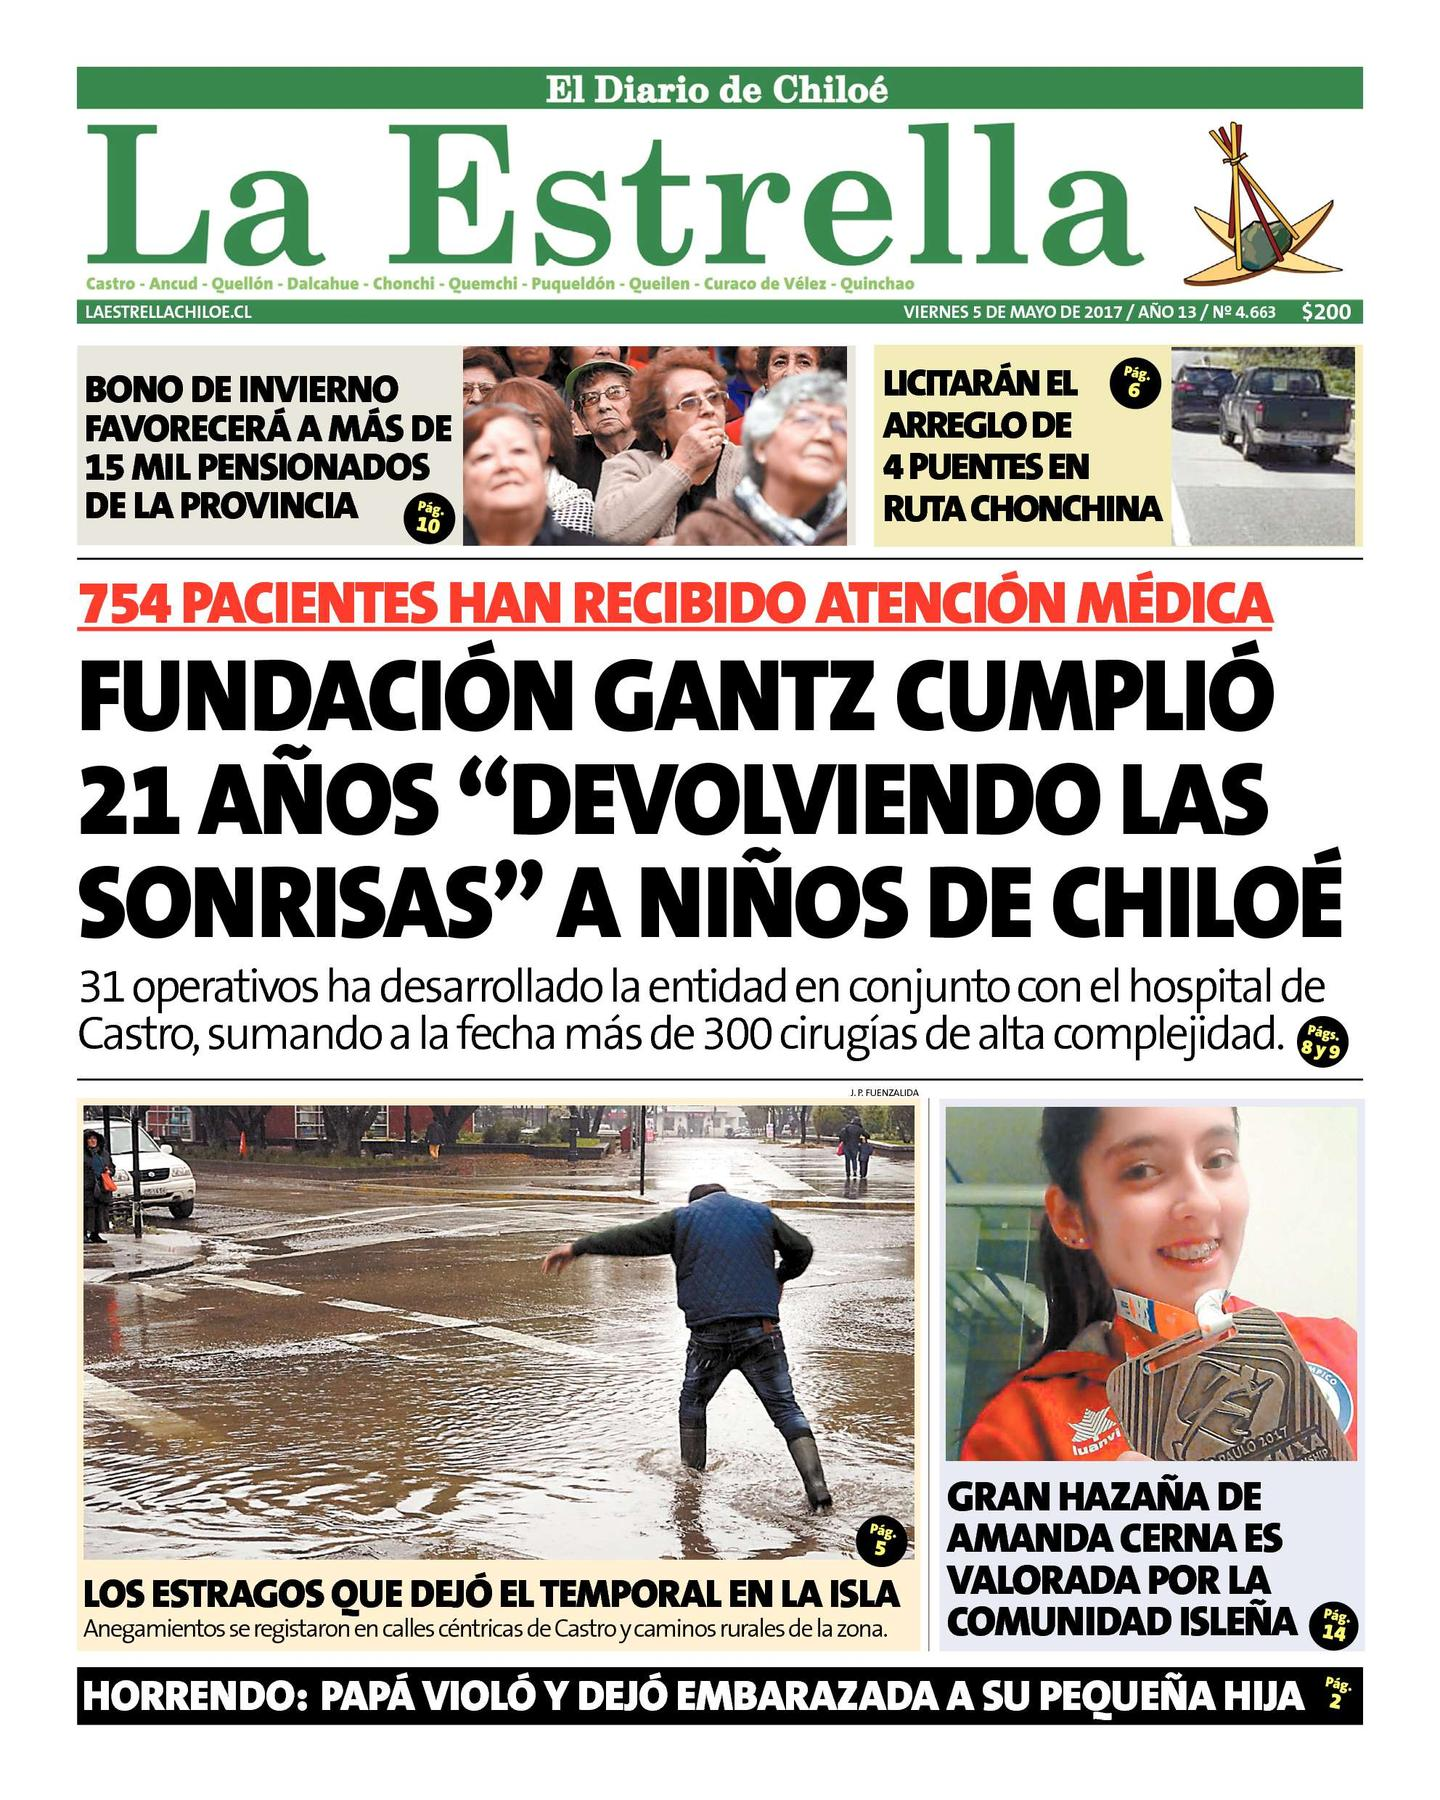 """Fundación Gantz, dirigida por Dr. Carlos Giugliano, cumplió 21 años """"devolviendo las sonrisas"""" a niños de Chiloé"""